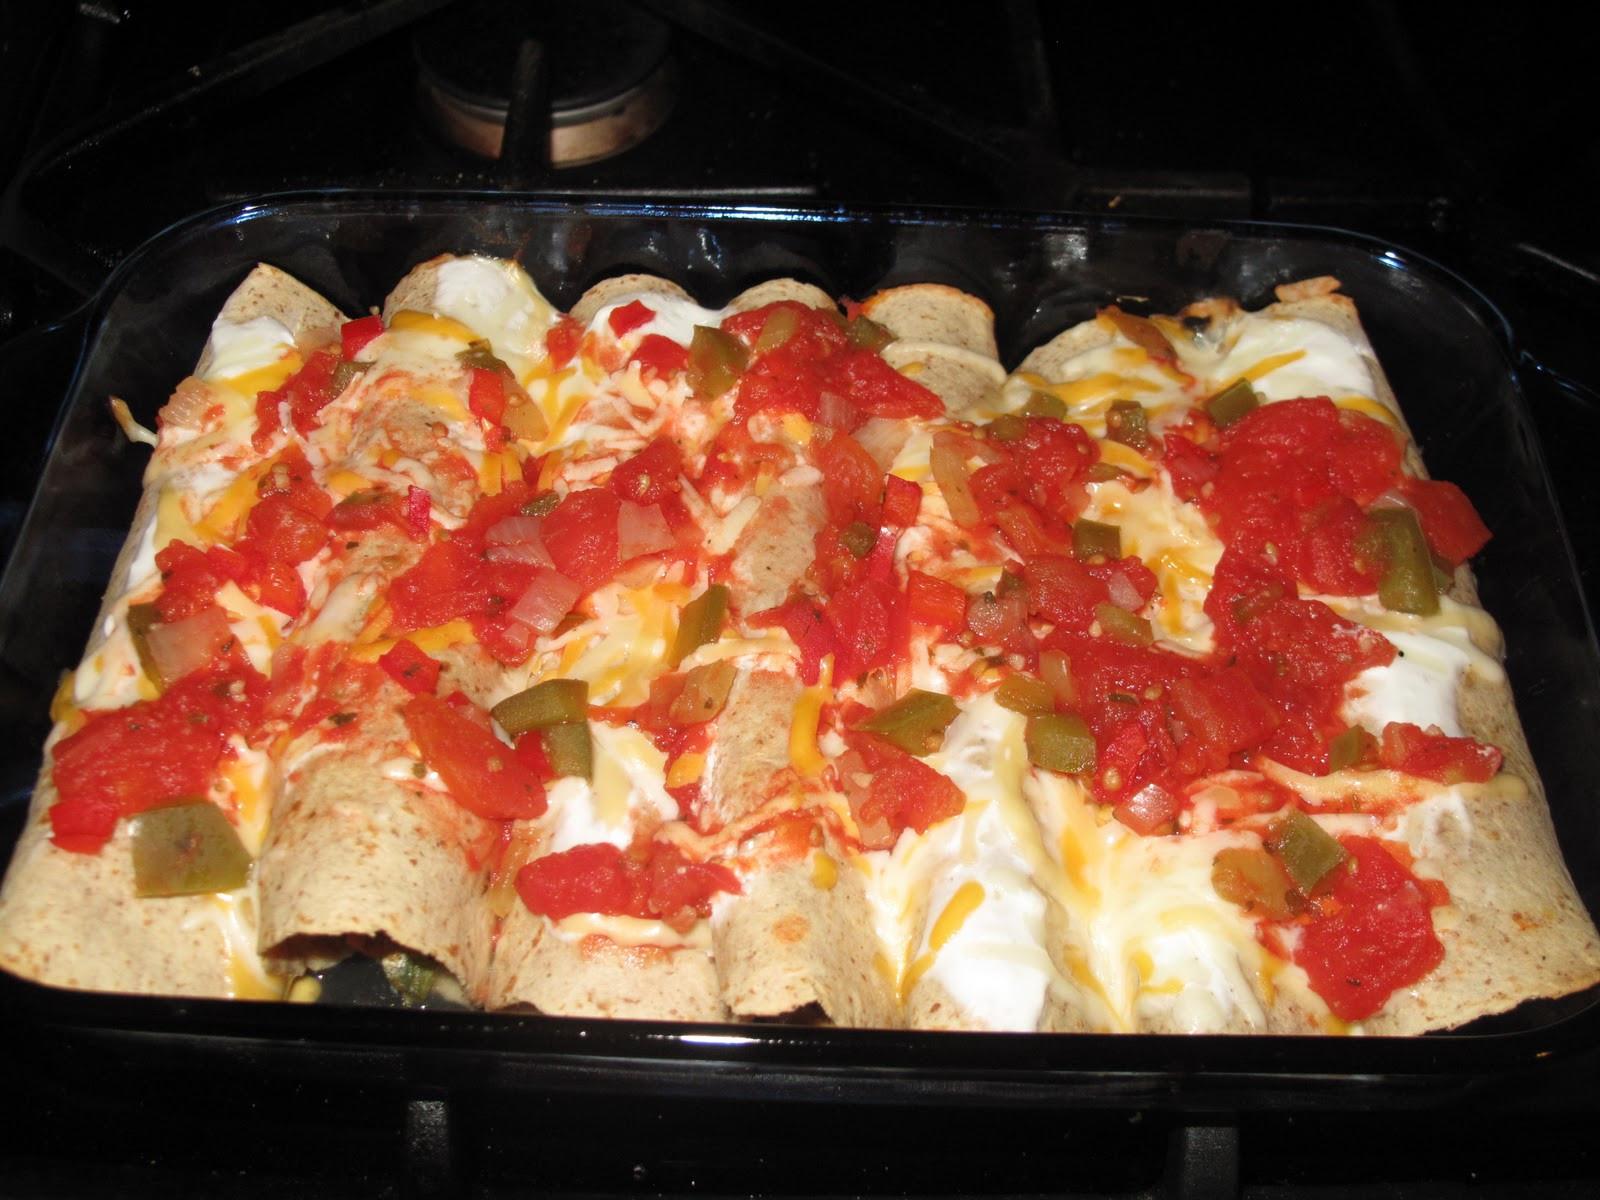 Healthy Chicken Enchiladas  BJ Brinker s Home Cooking Healthy Chicken Enchiladas